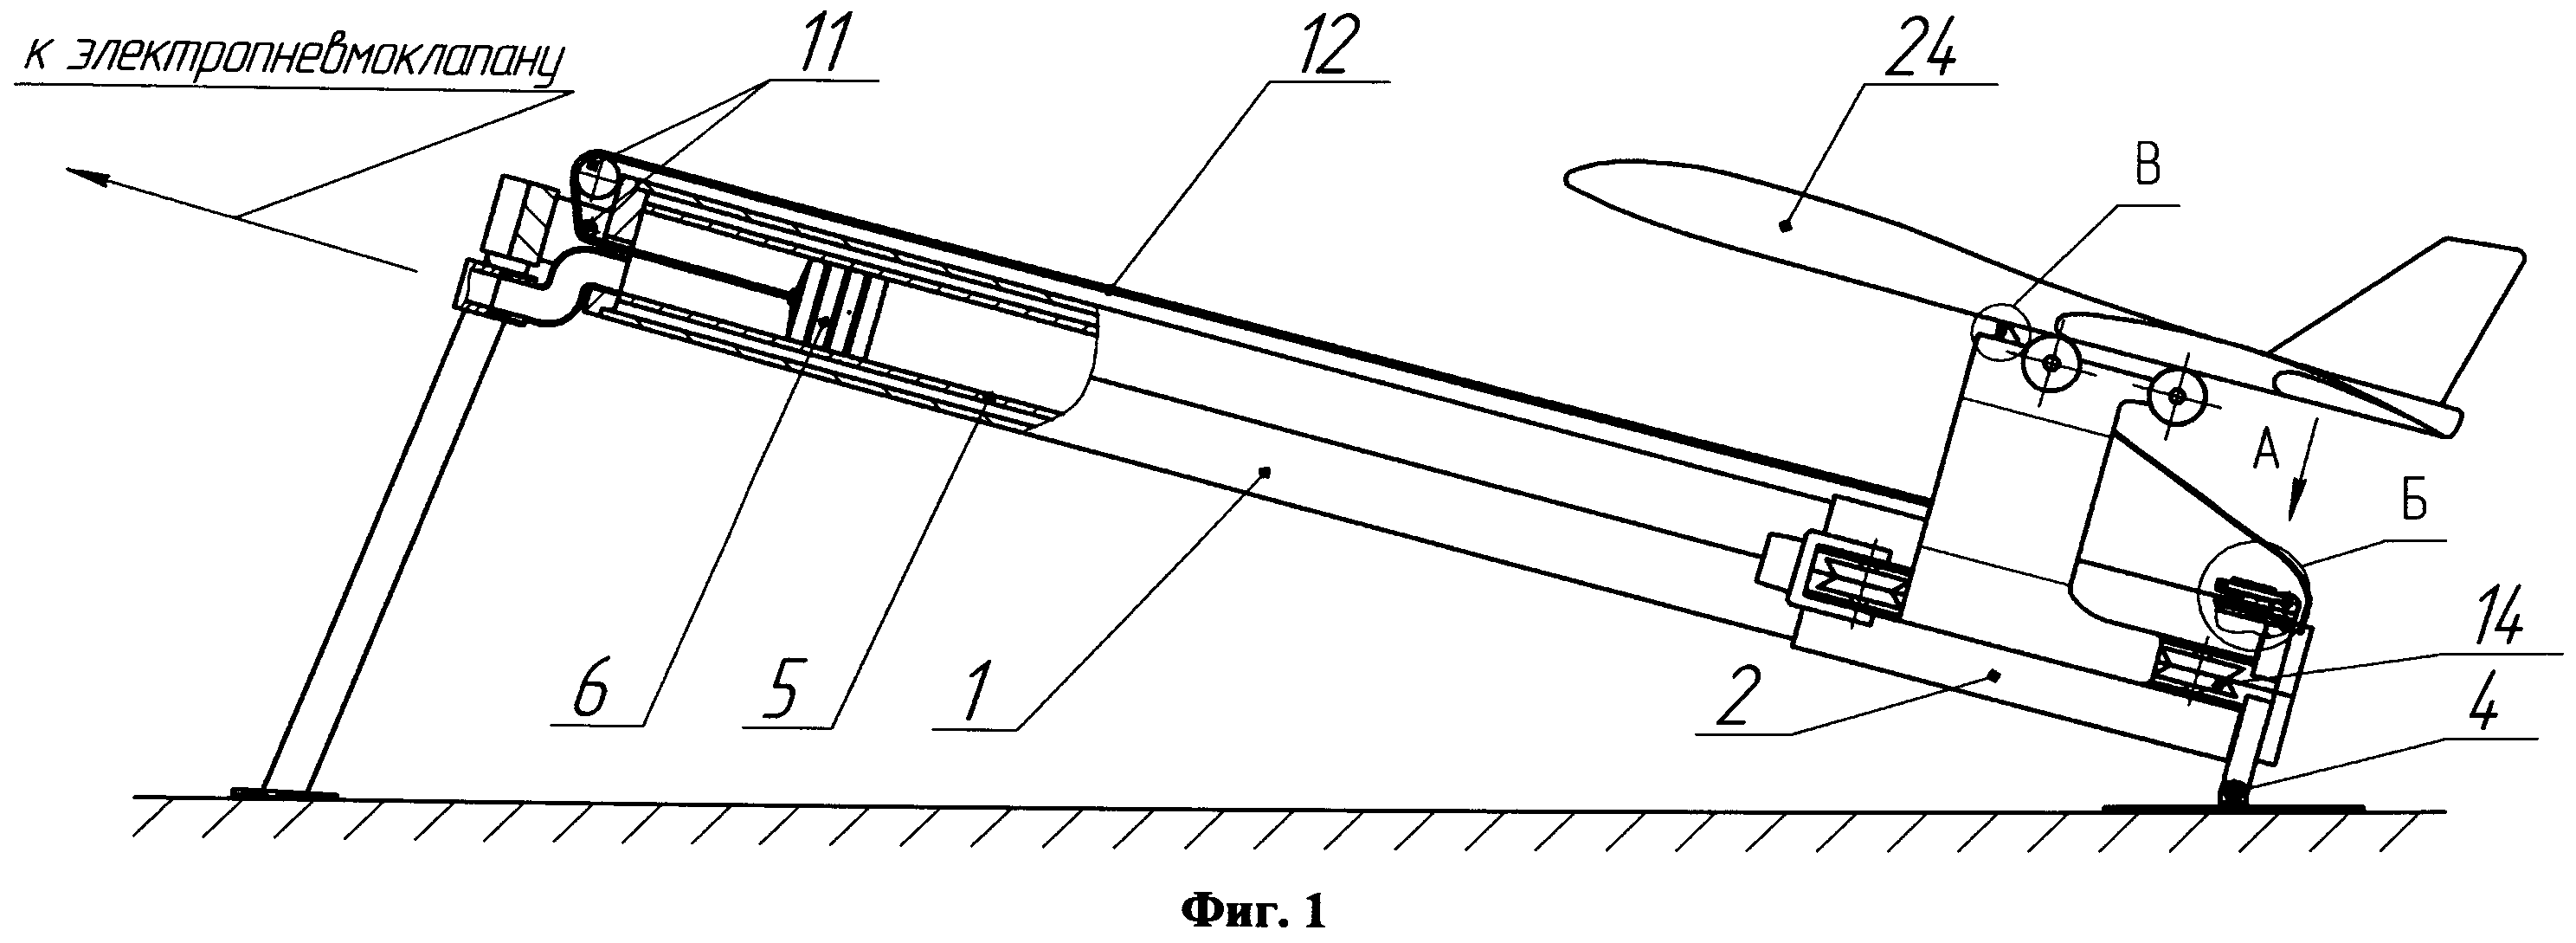 Катапульта для взлета летательного аппарата